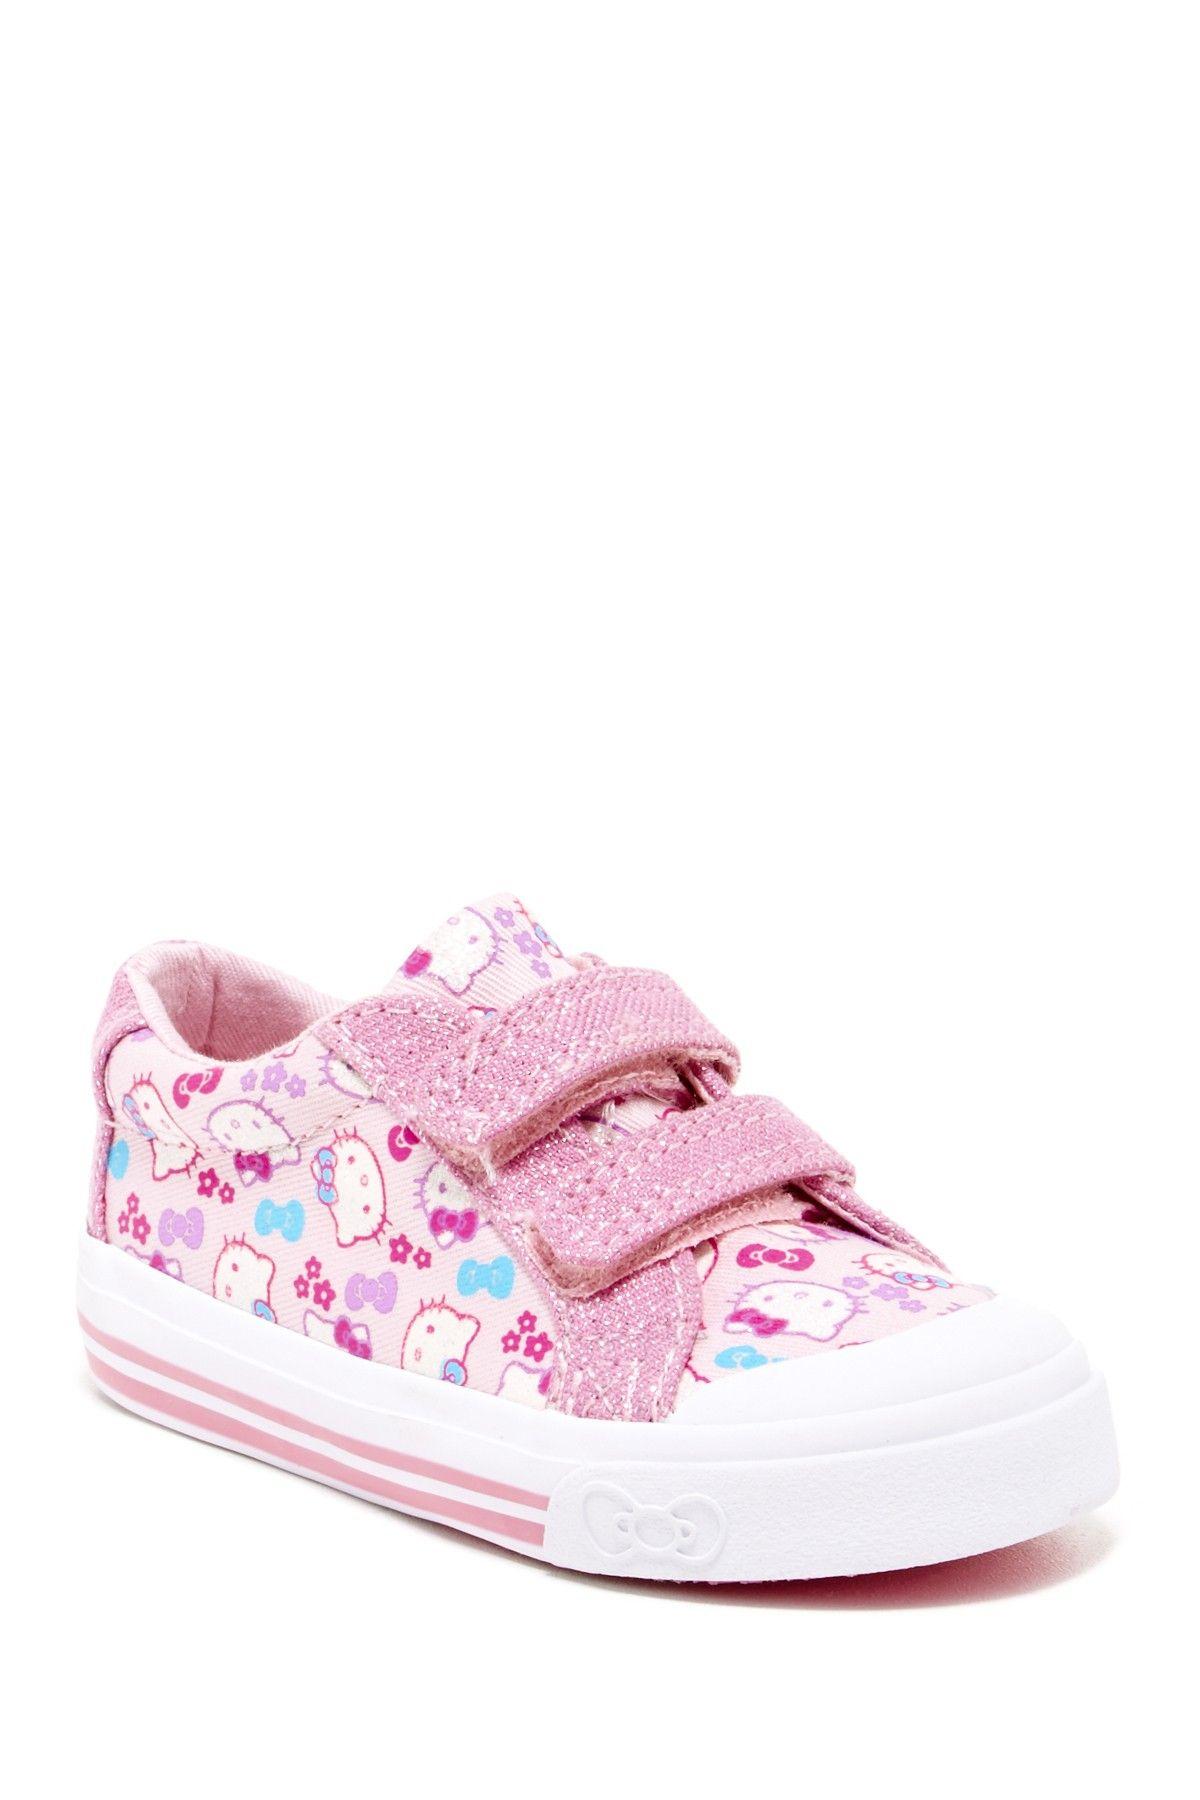 Stride Rite Springtime Kitty Sneaker Toddler & Little Kid